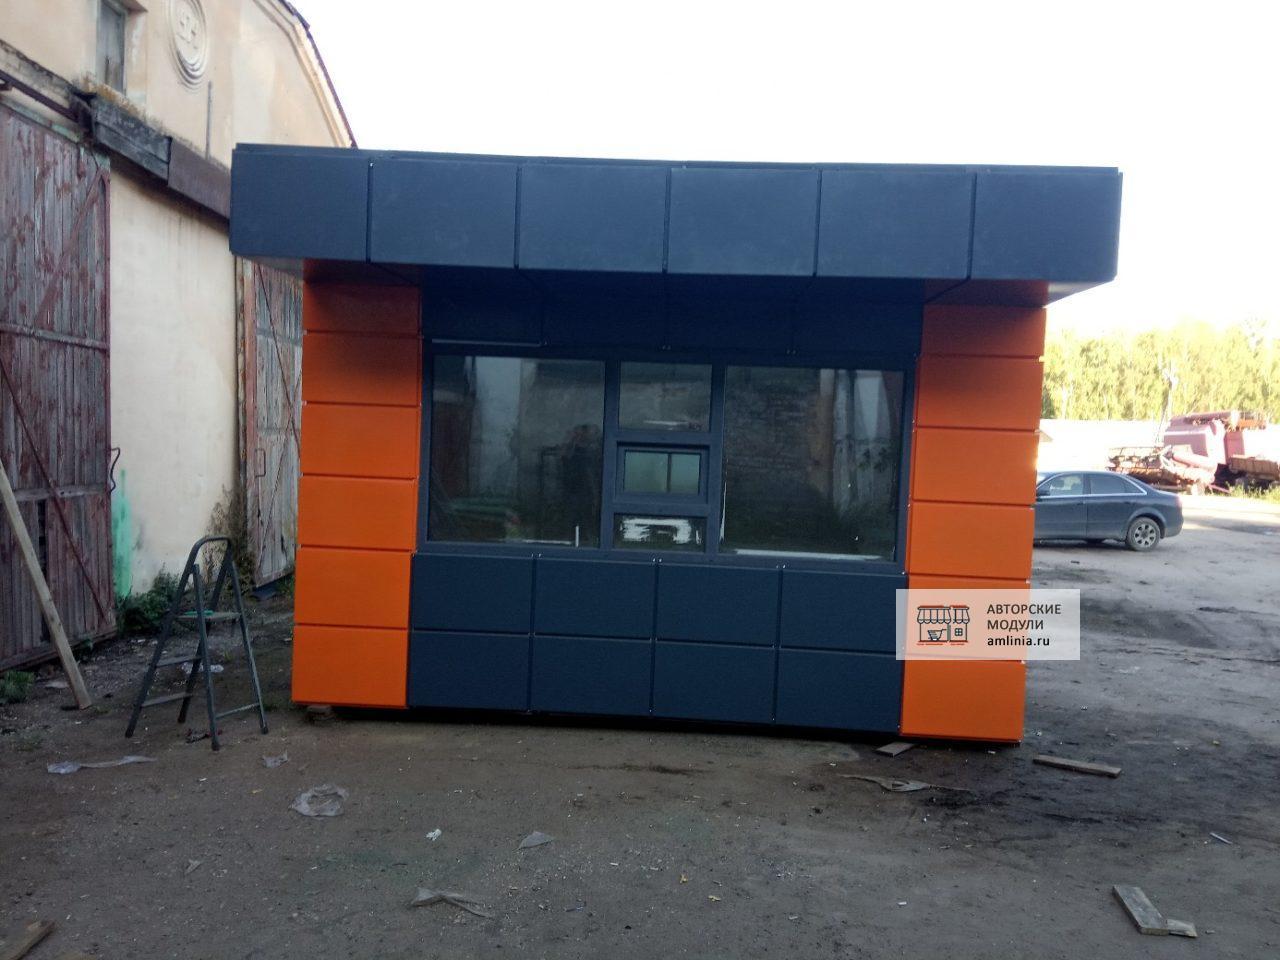 Павильон для торговли графитово-оранжевый 4,0 х 2,5 х 2,87 метра